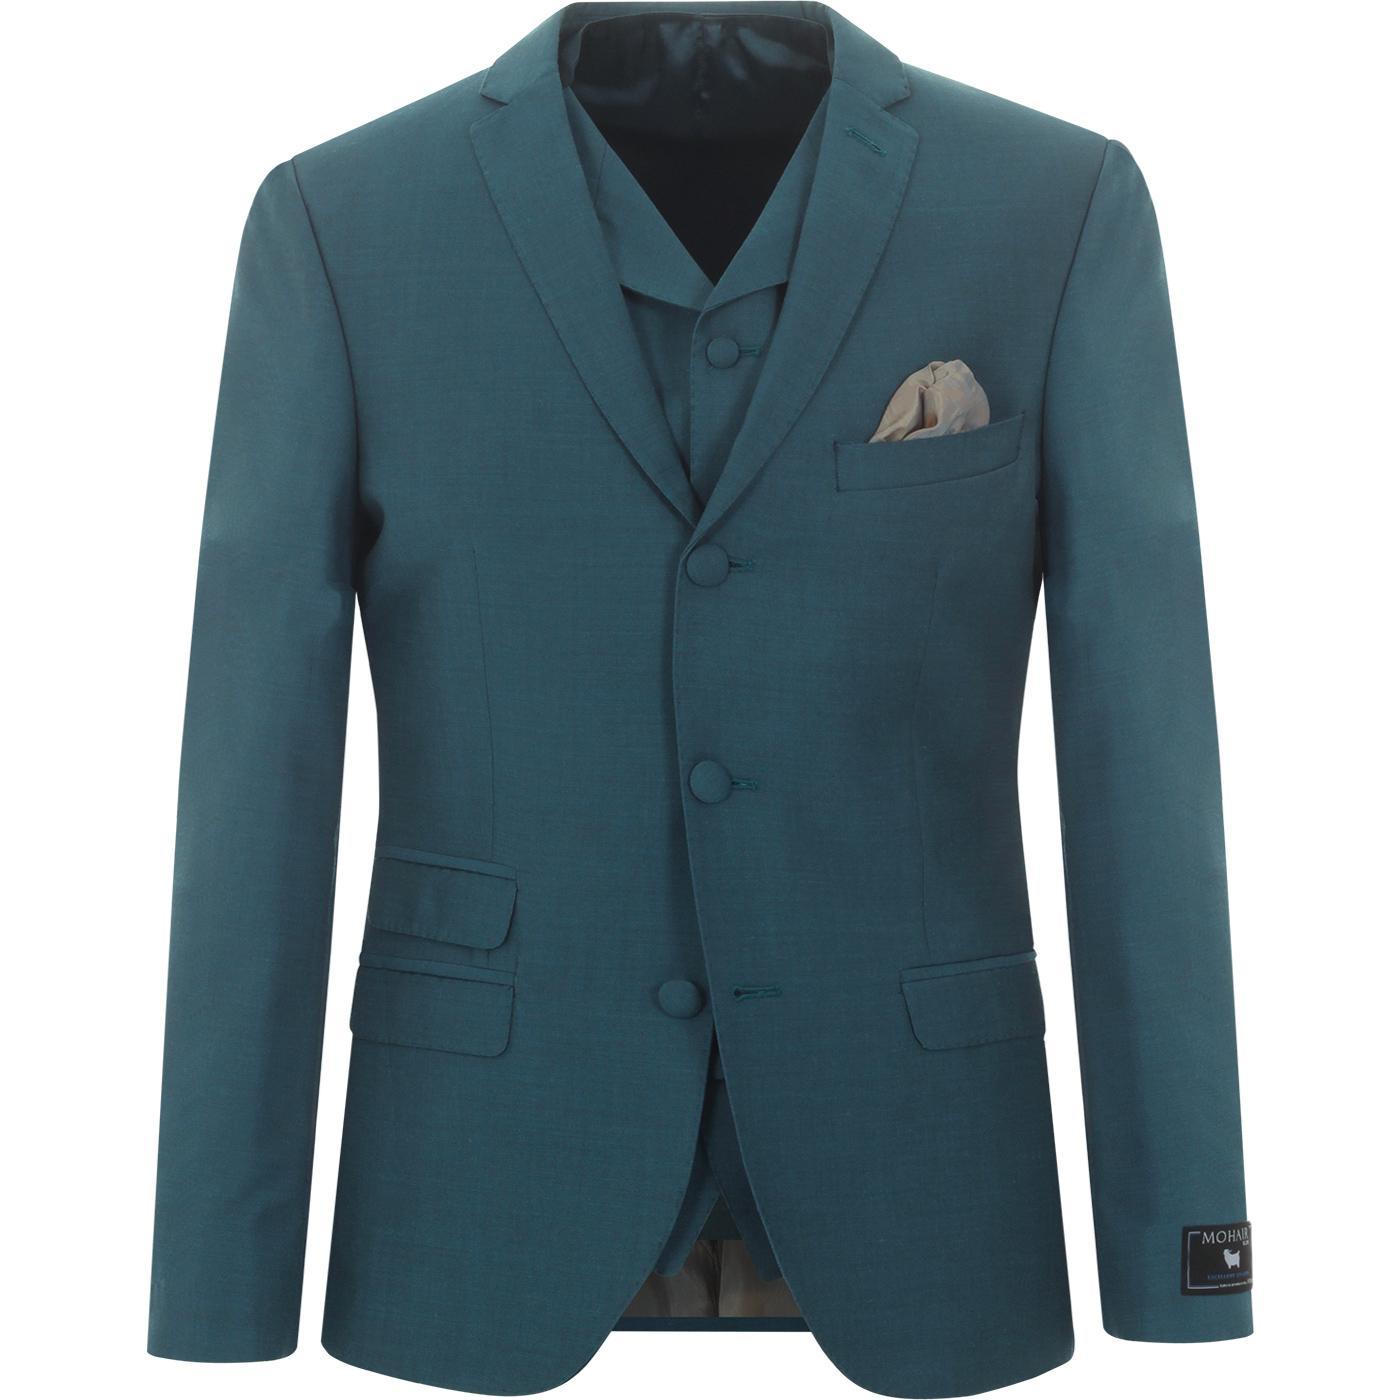 MADCAP ENGLAND Mod Mohair Tonic Suit Jacket (Teal)